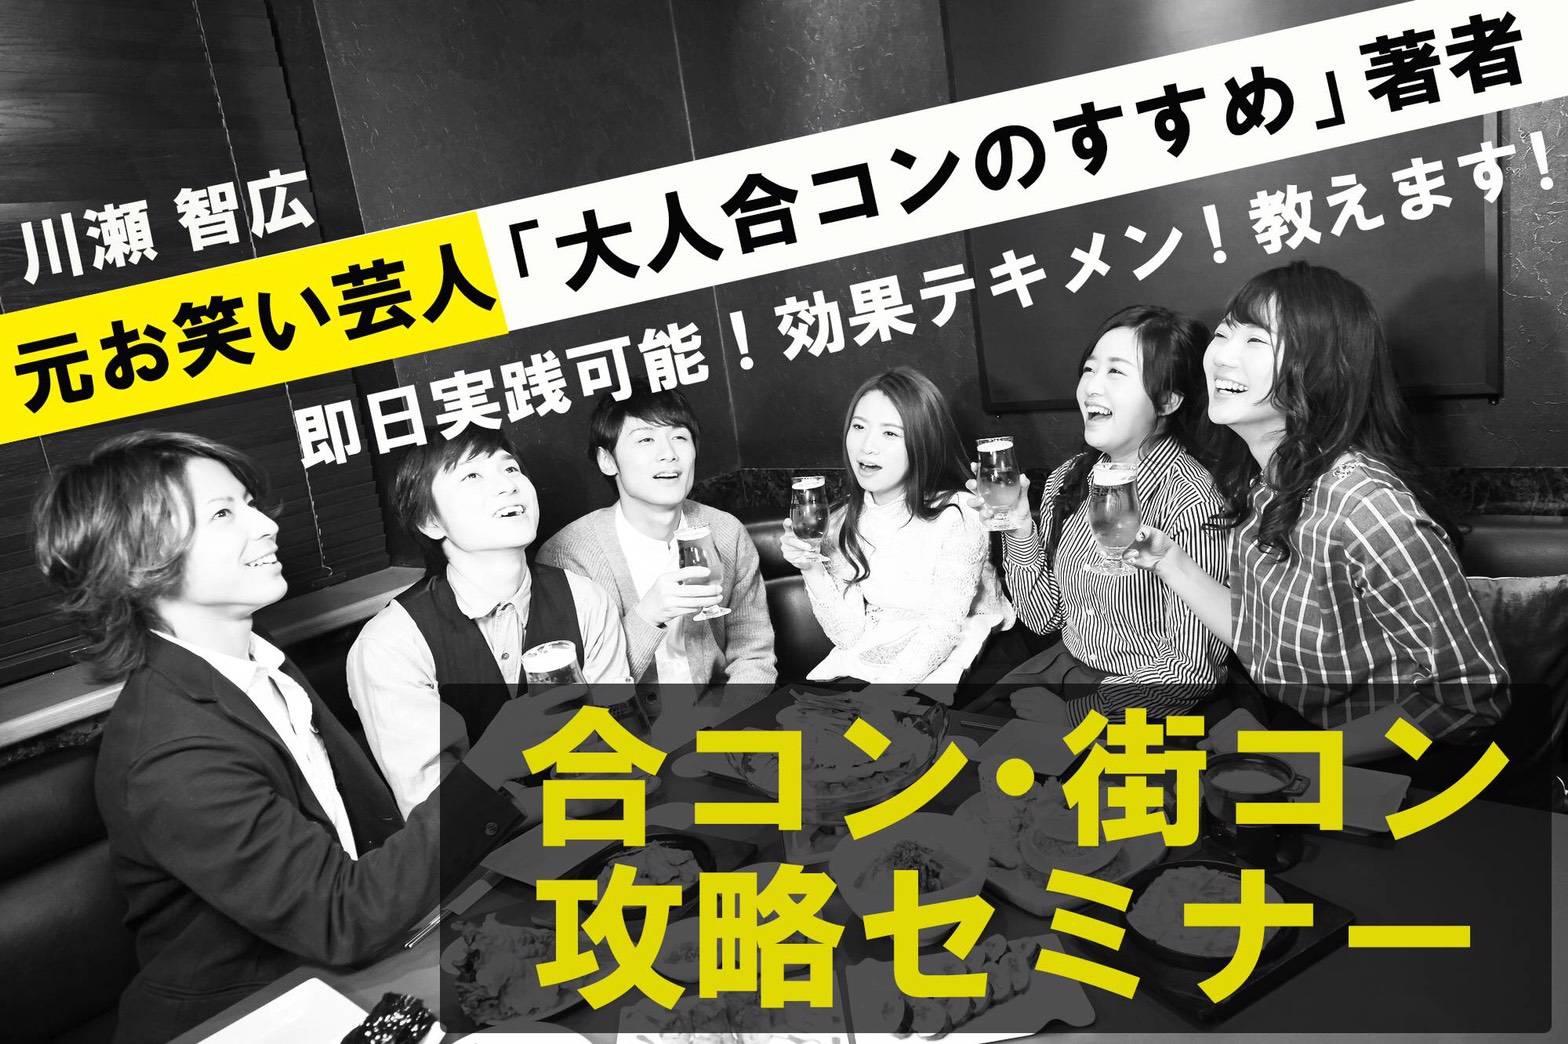 【赤坂の自分磨き】株式会社GiveGrow主催 2017年8月23日